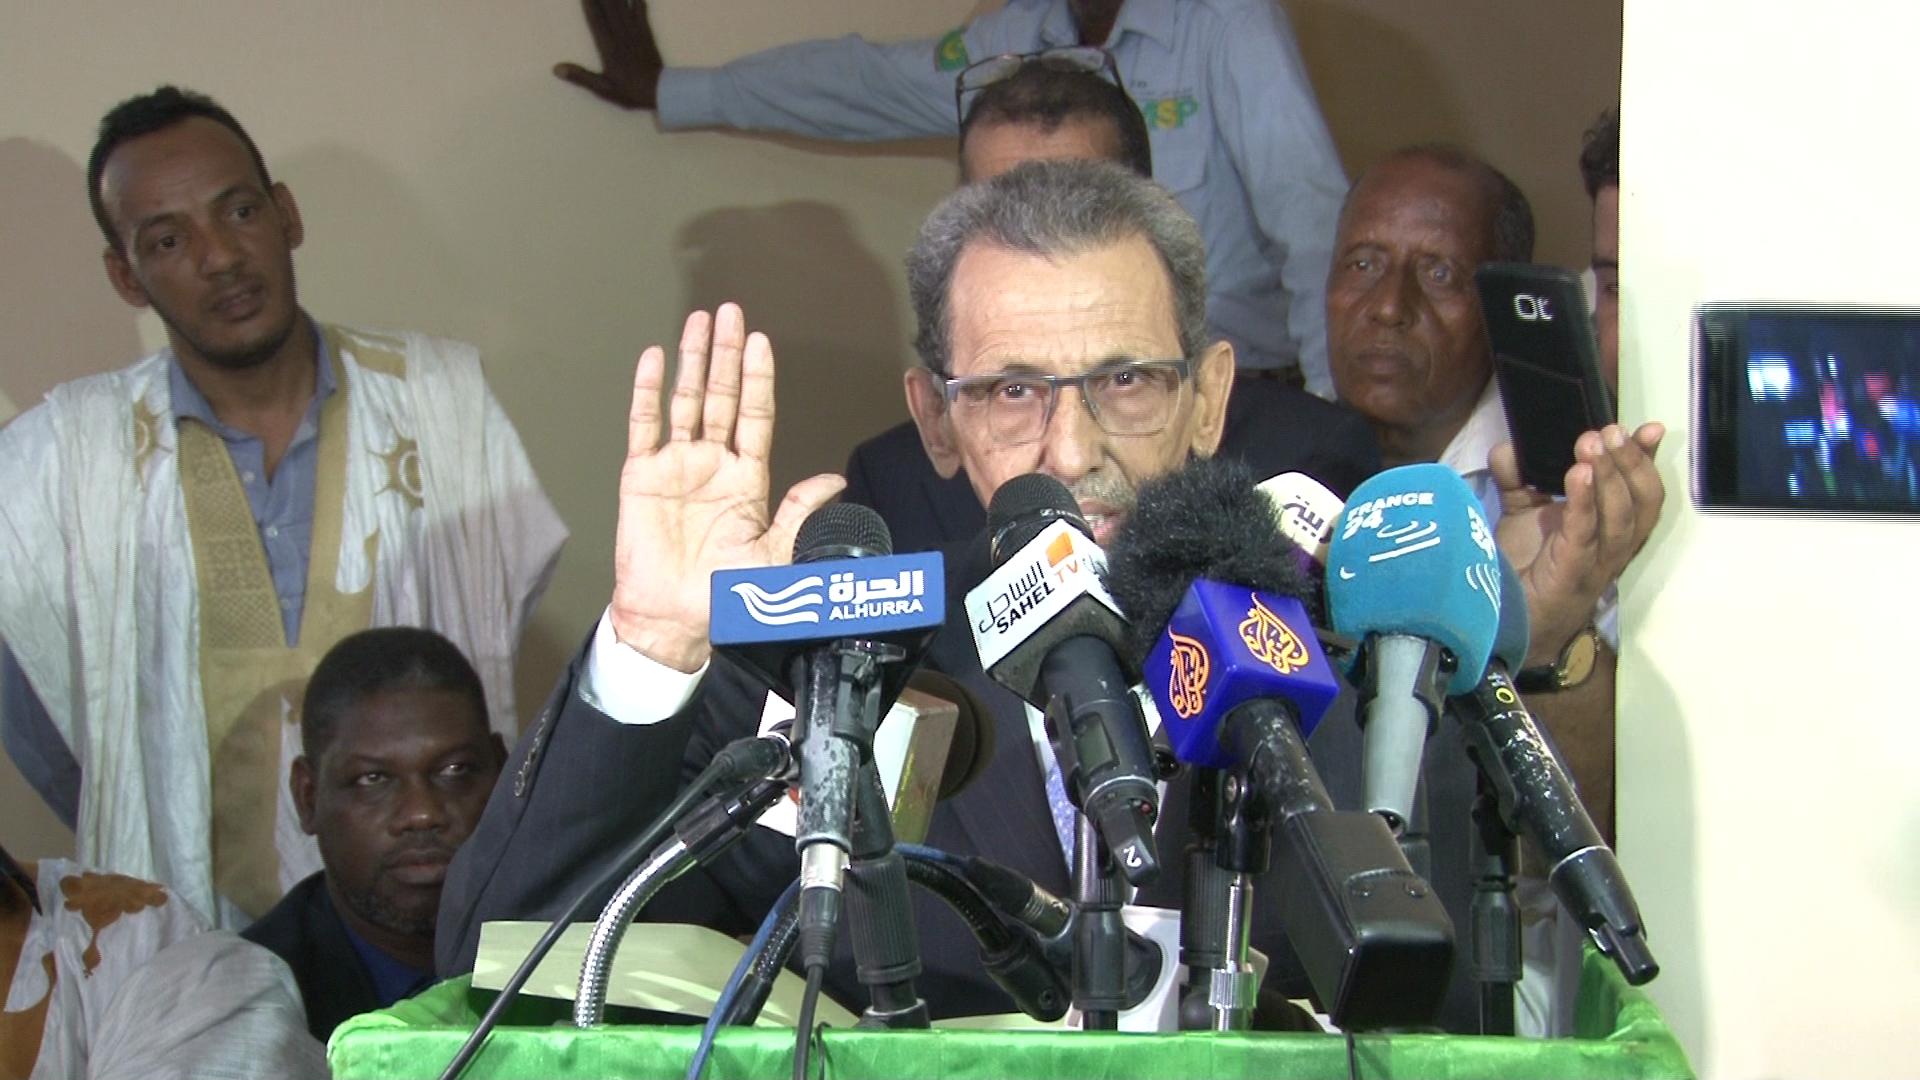 رئيس اللجنة المستقلة للانتخابات محمد فال ولد بلال خلال مؤتمر صحفي سابق (الأخبار - أرشيف)